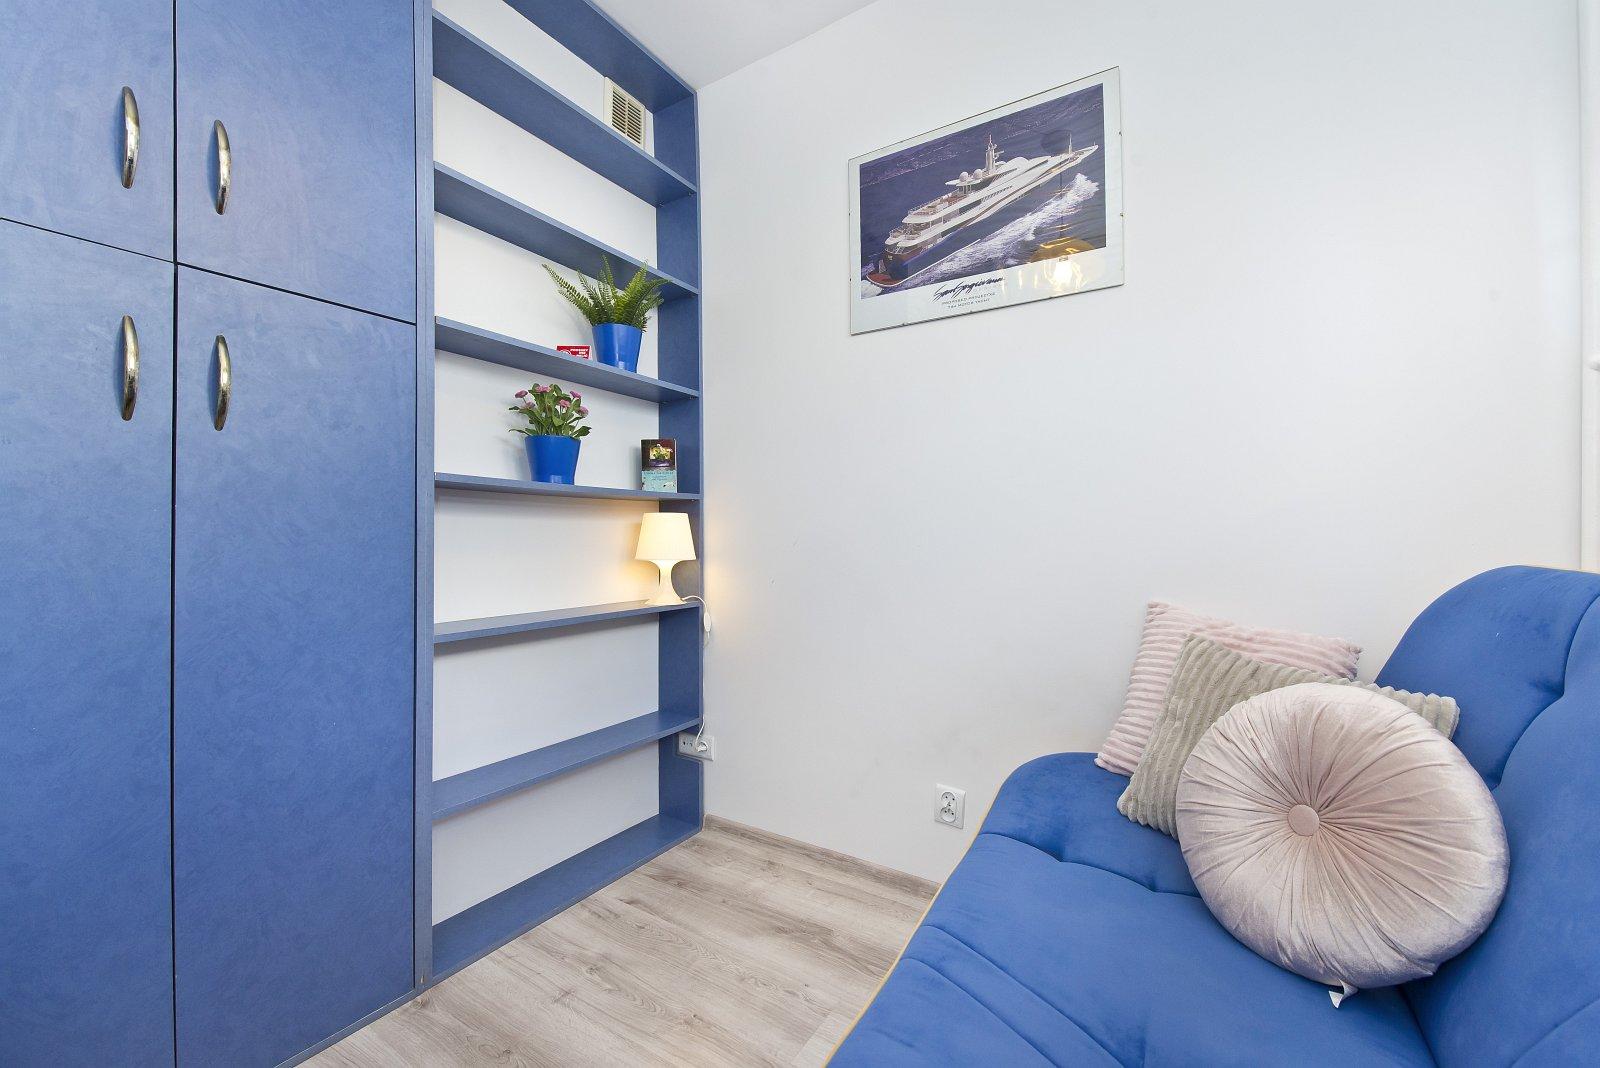 mieszkanie-wynajem-gdansk-k-02-04web